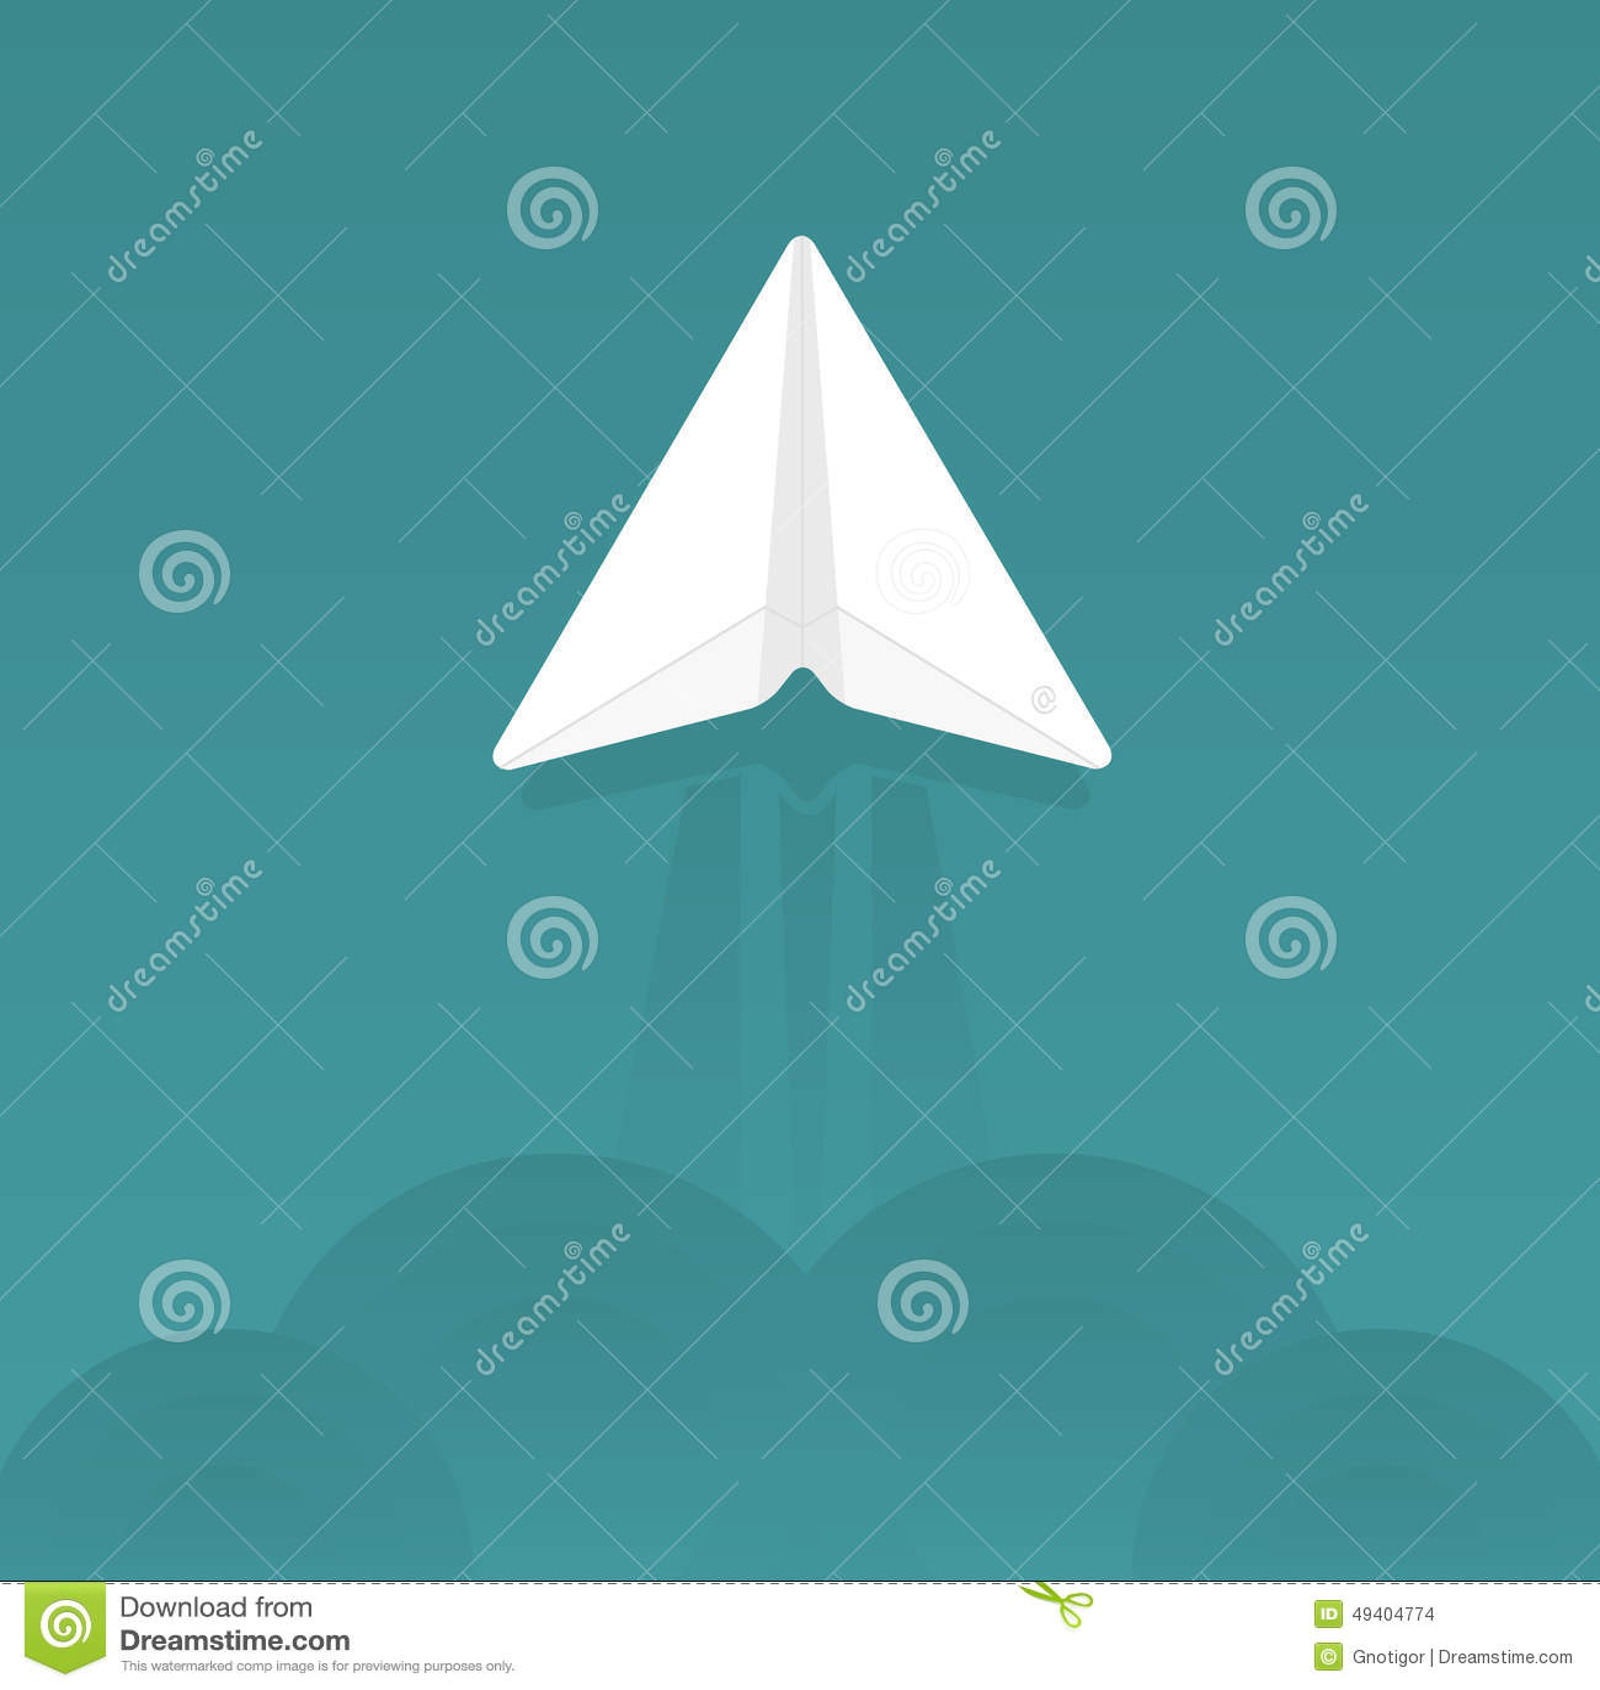 Download Tapezieren Sie Flugzeug vektor abbildung. Illustration von zeichen - 49404774